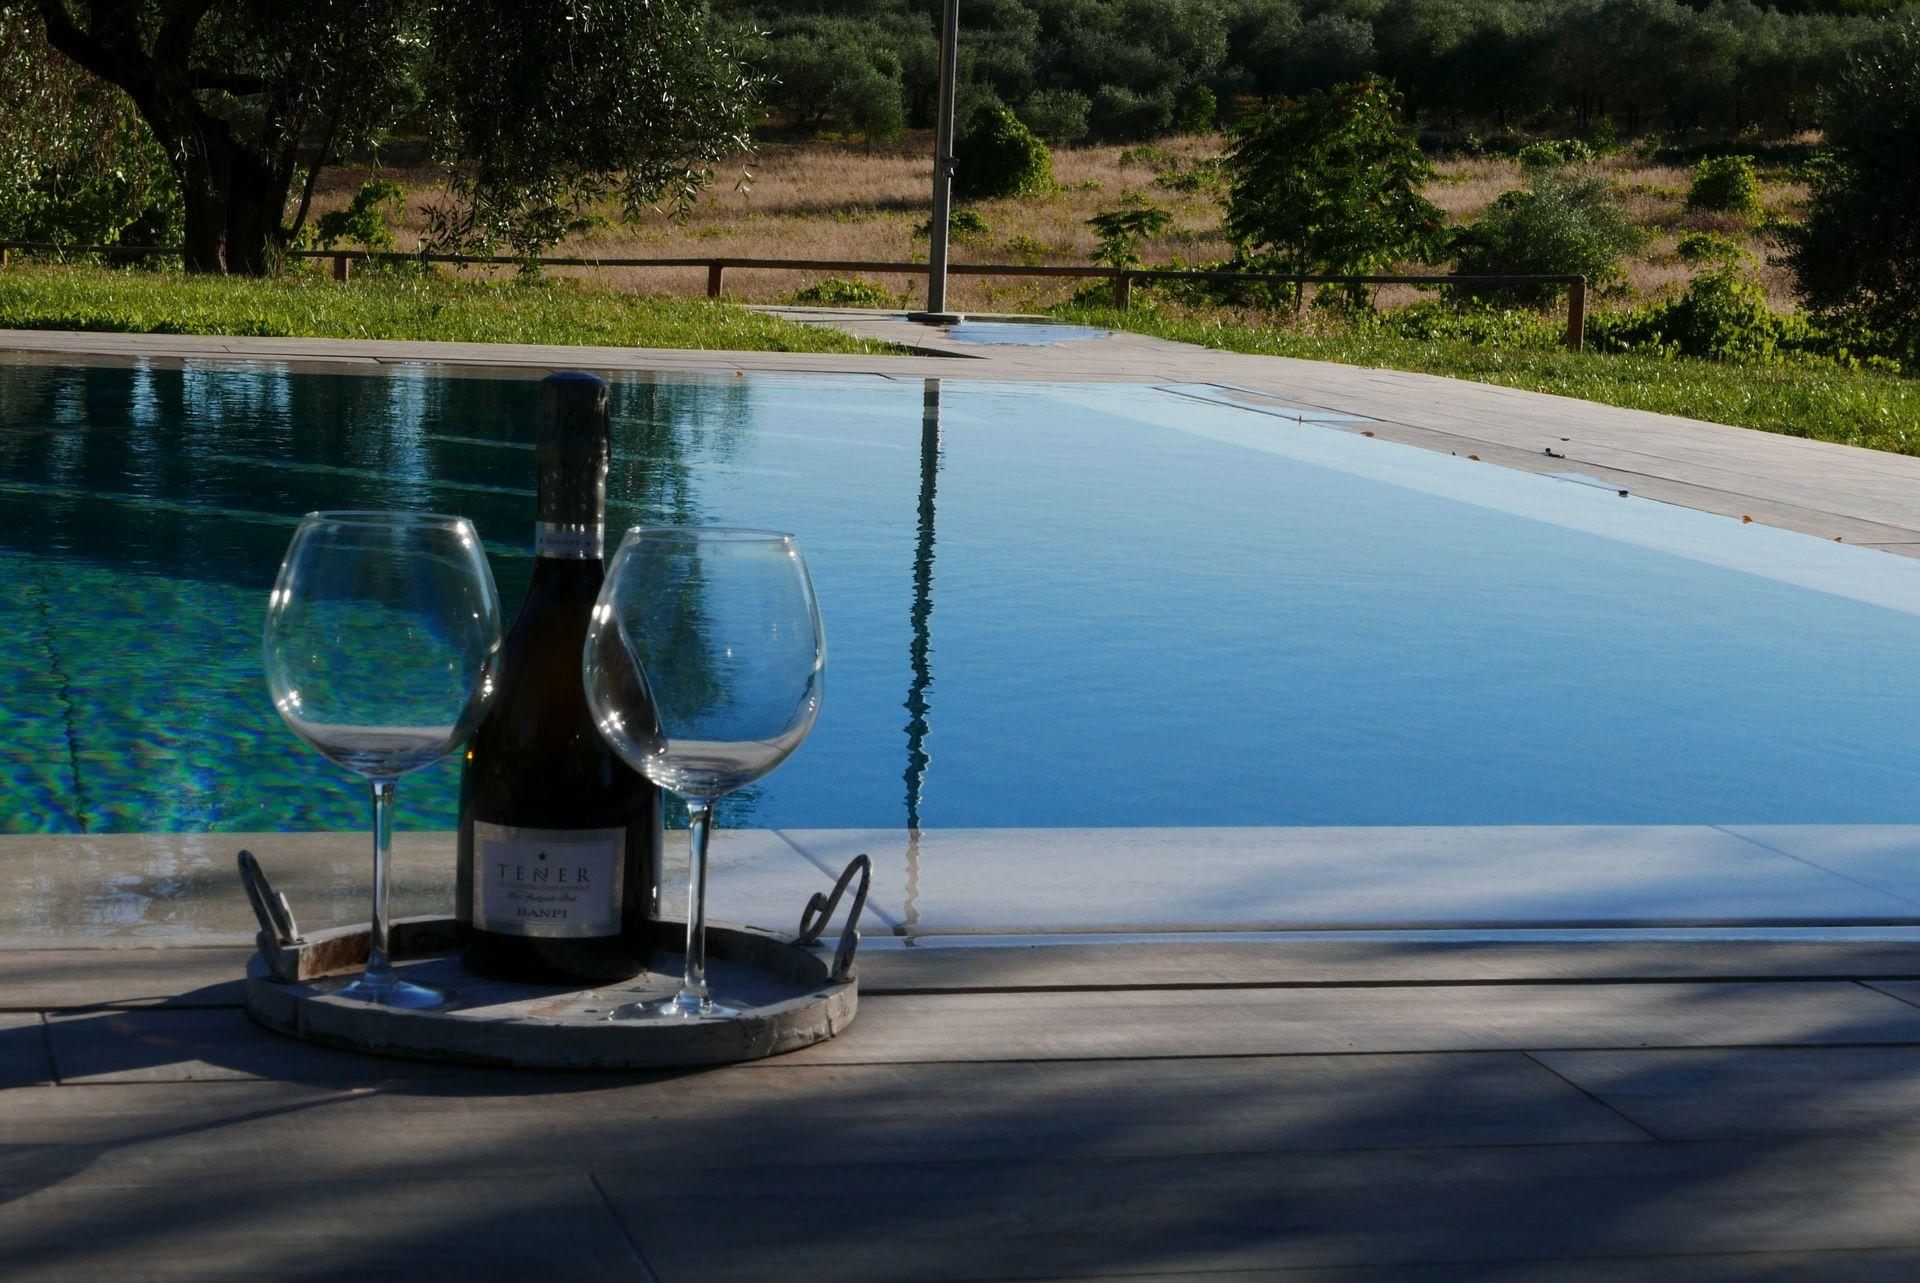 Paesaggi D Acqua Piscine agriturismo la pieve - casa vacanze con 8 posti letto in 3